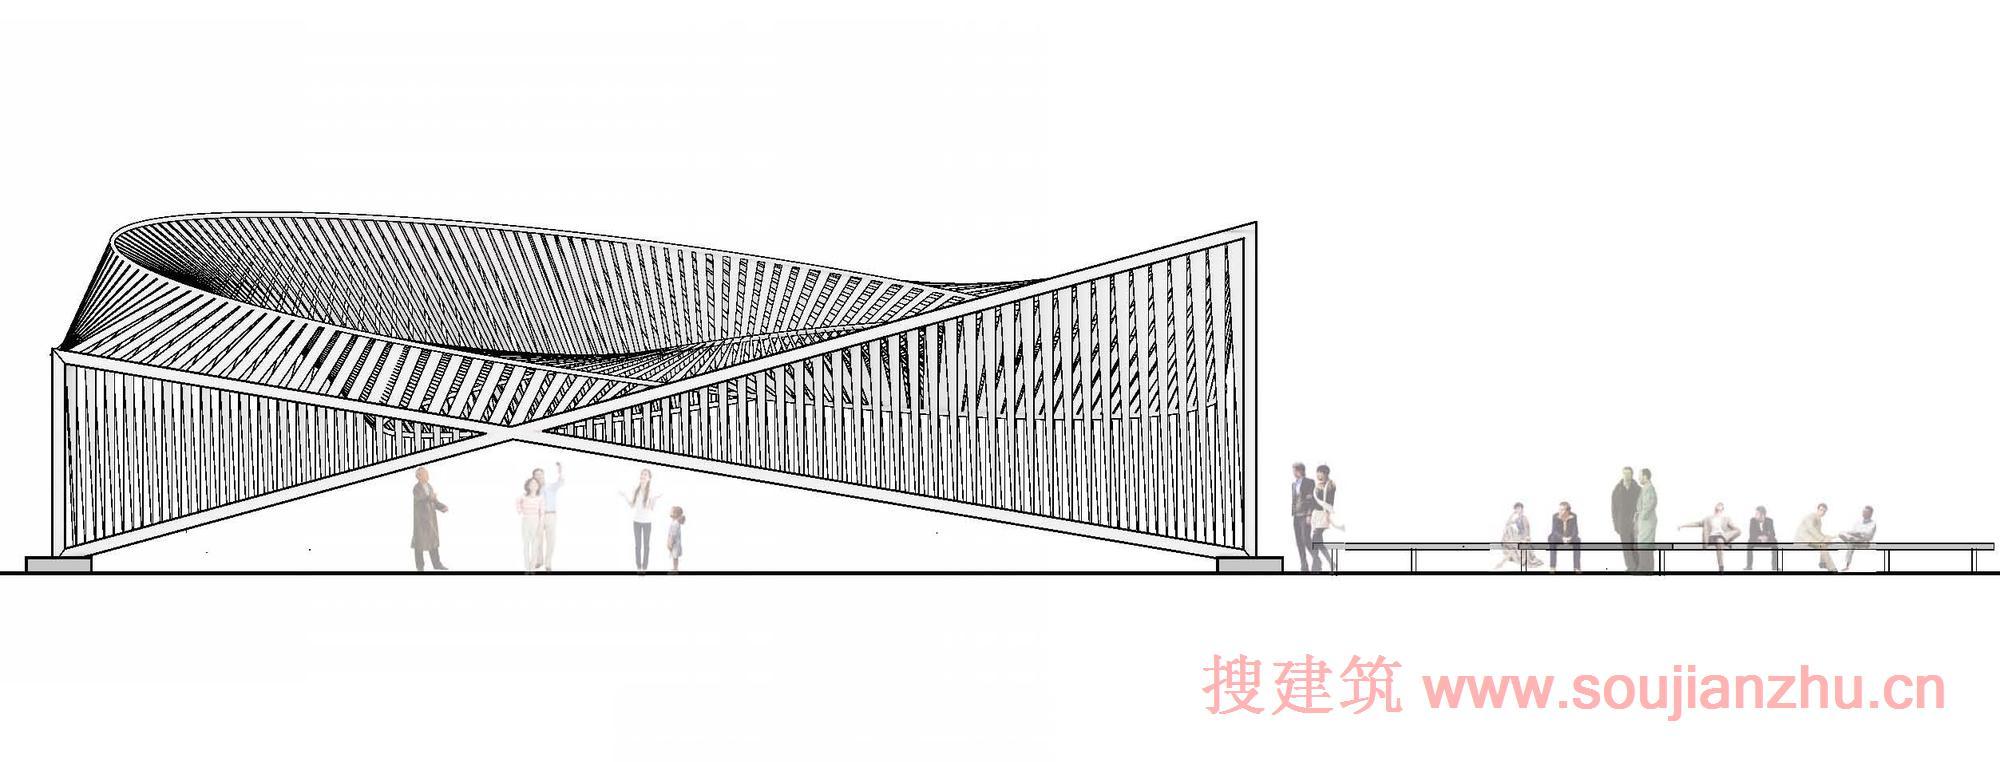 北京·室外空间---modu